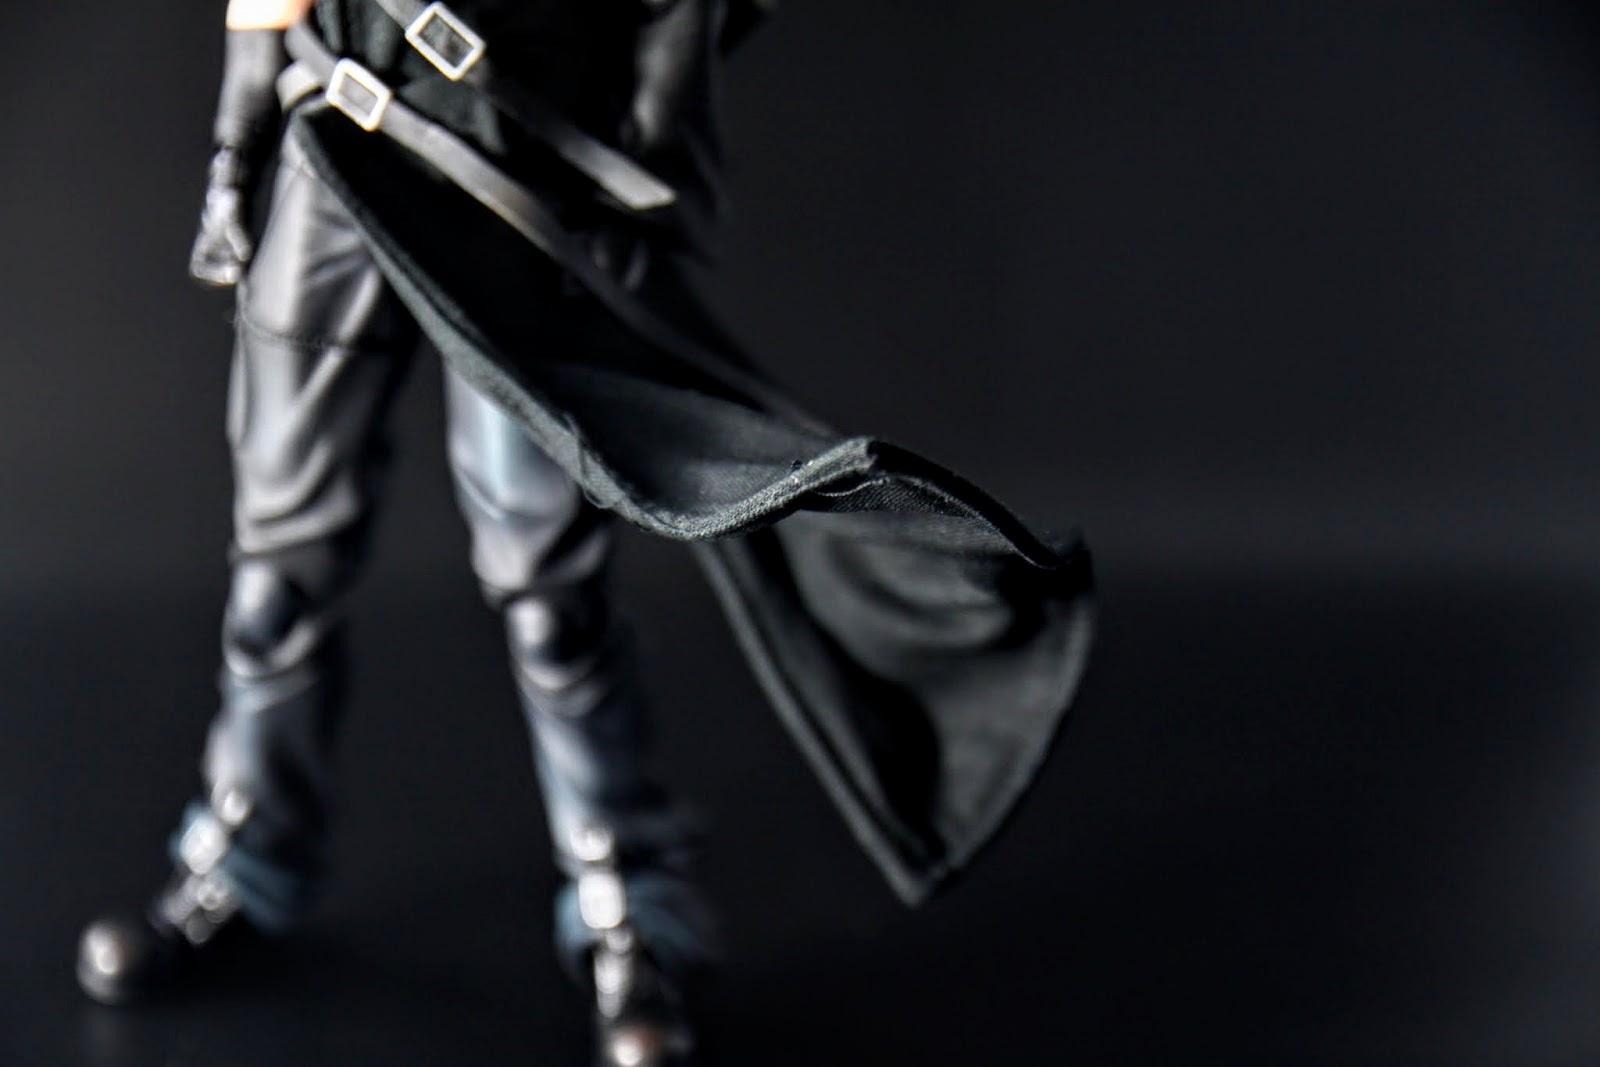 這算是~裙襬嗎?材質是布+鐵絲,那拜託超級英雄系的可以也用這樣的設計嗎?